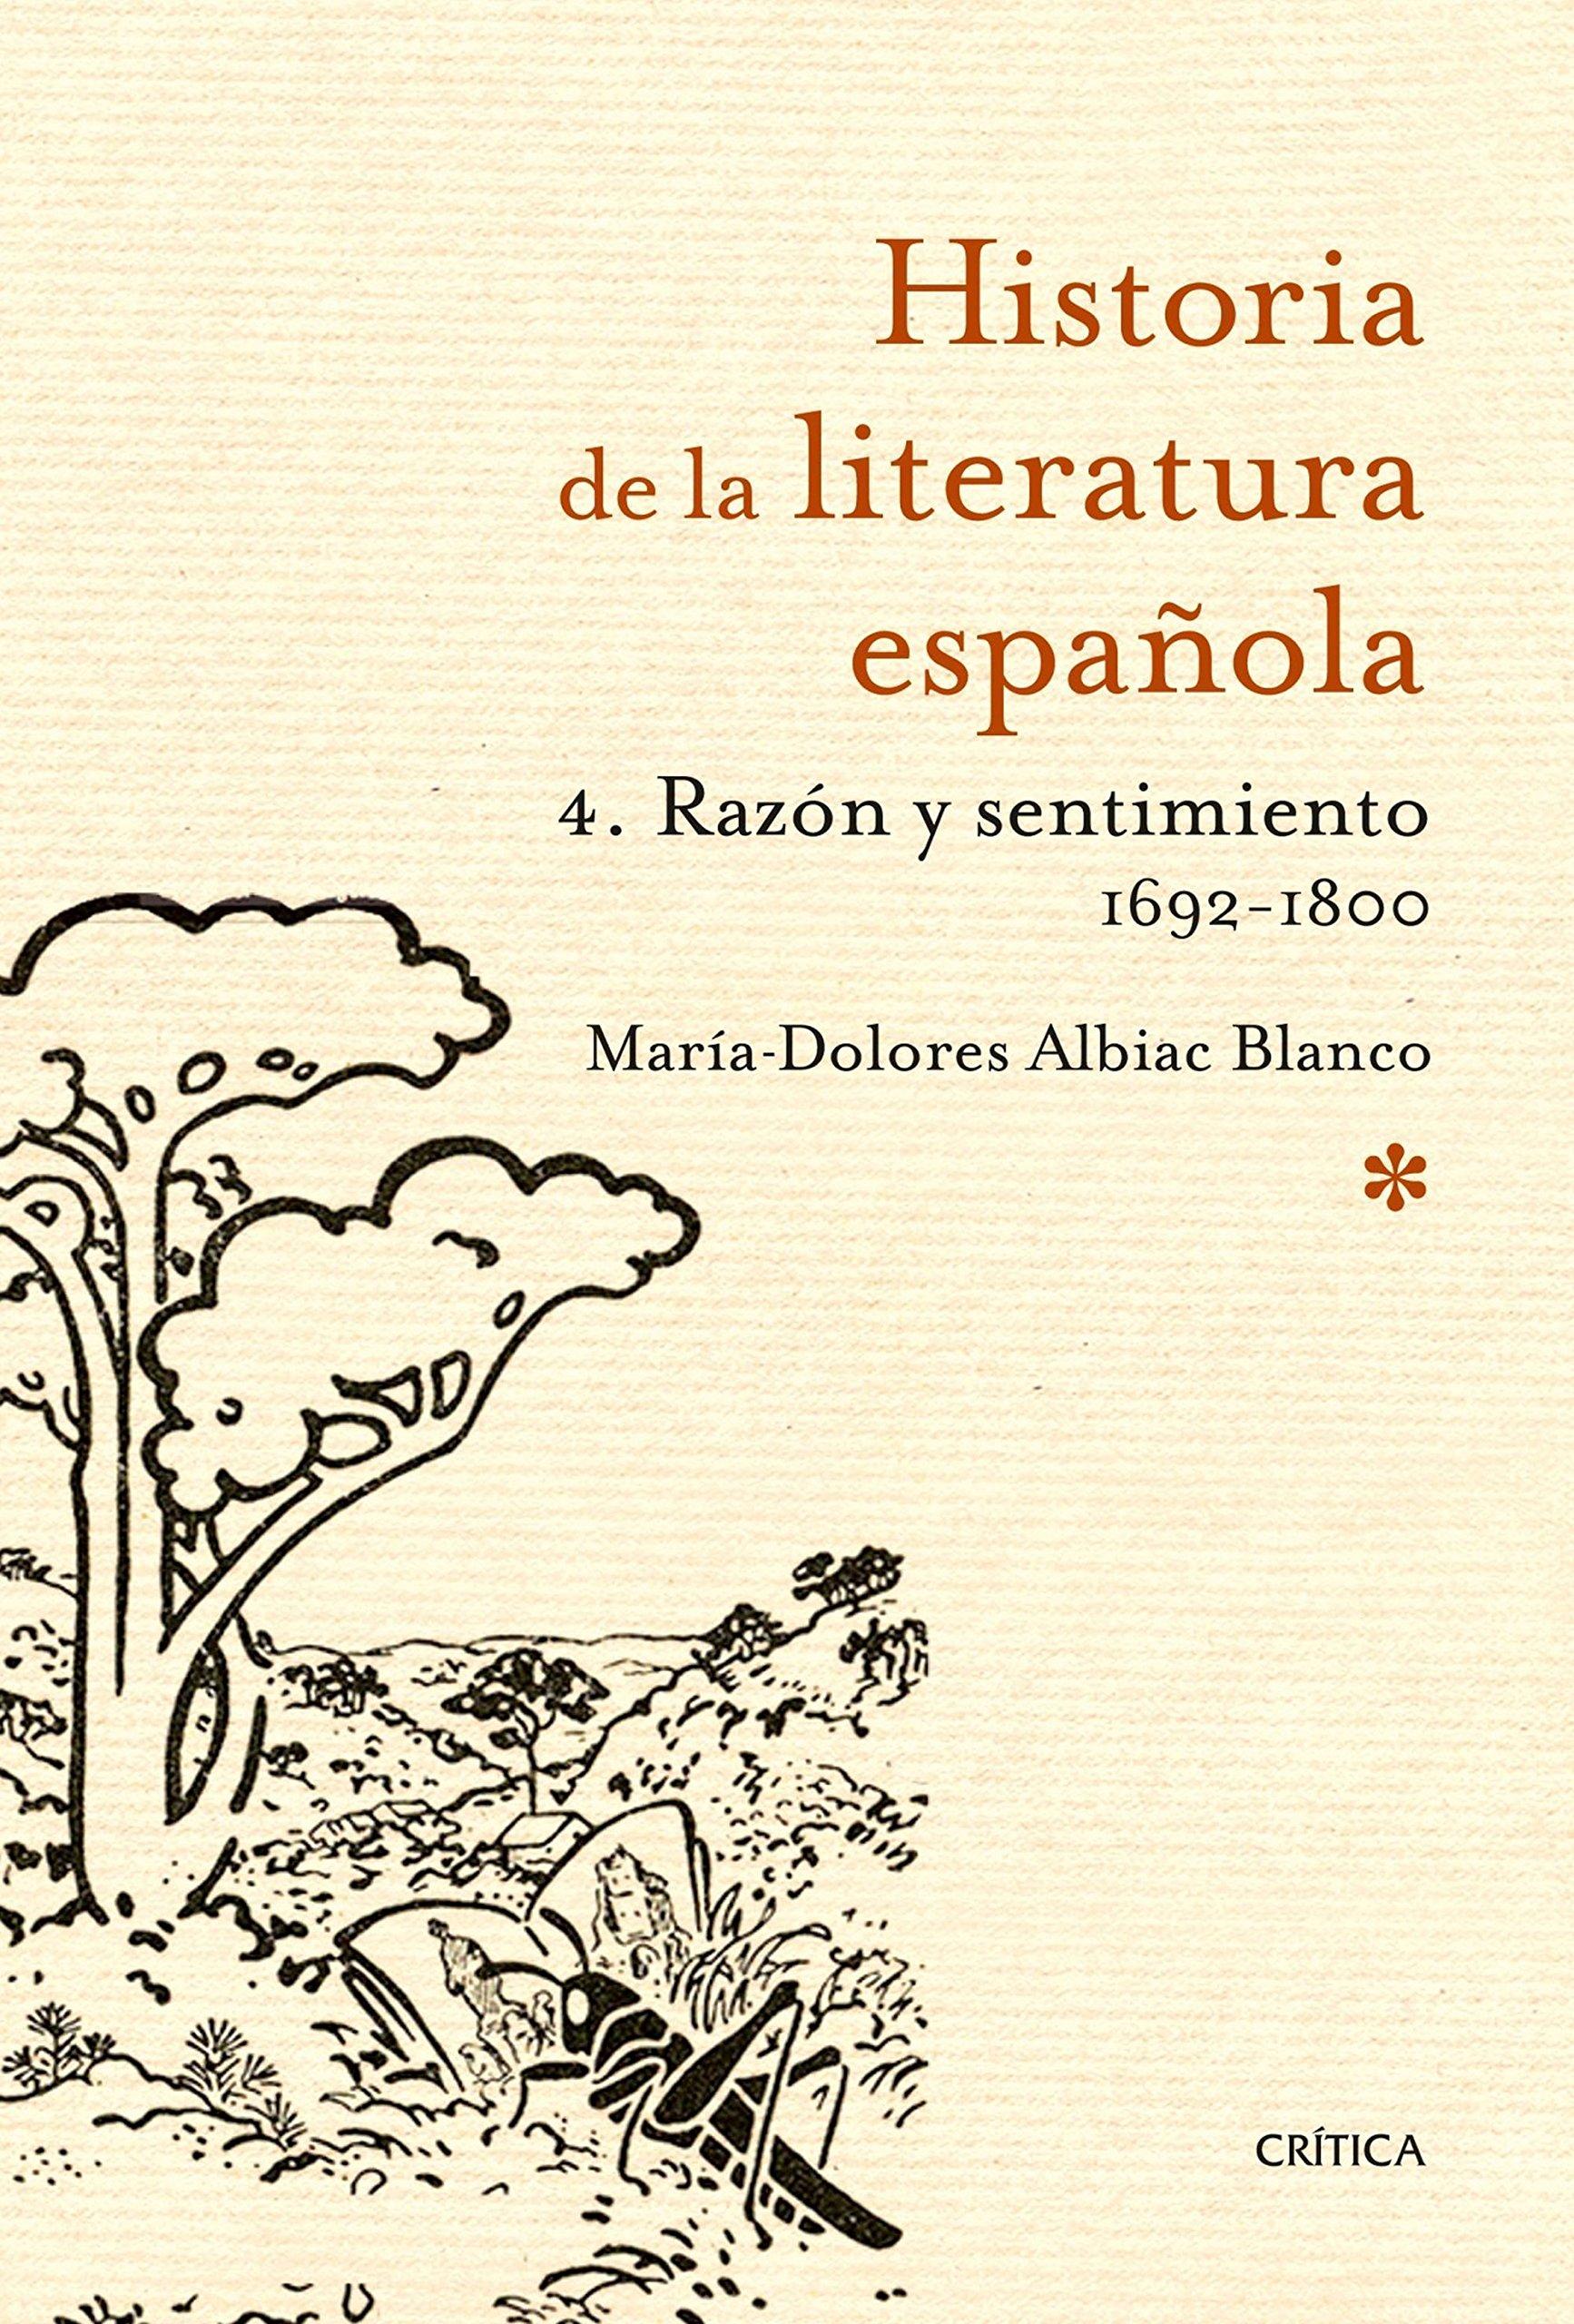 Razón y sentimiento 1692-1800: Historia de la literatura española 4: Amazon.es: Albiac Blanco, María-Dolores: Libros